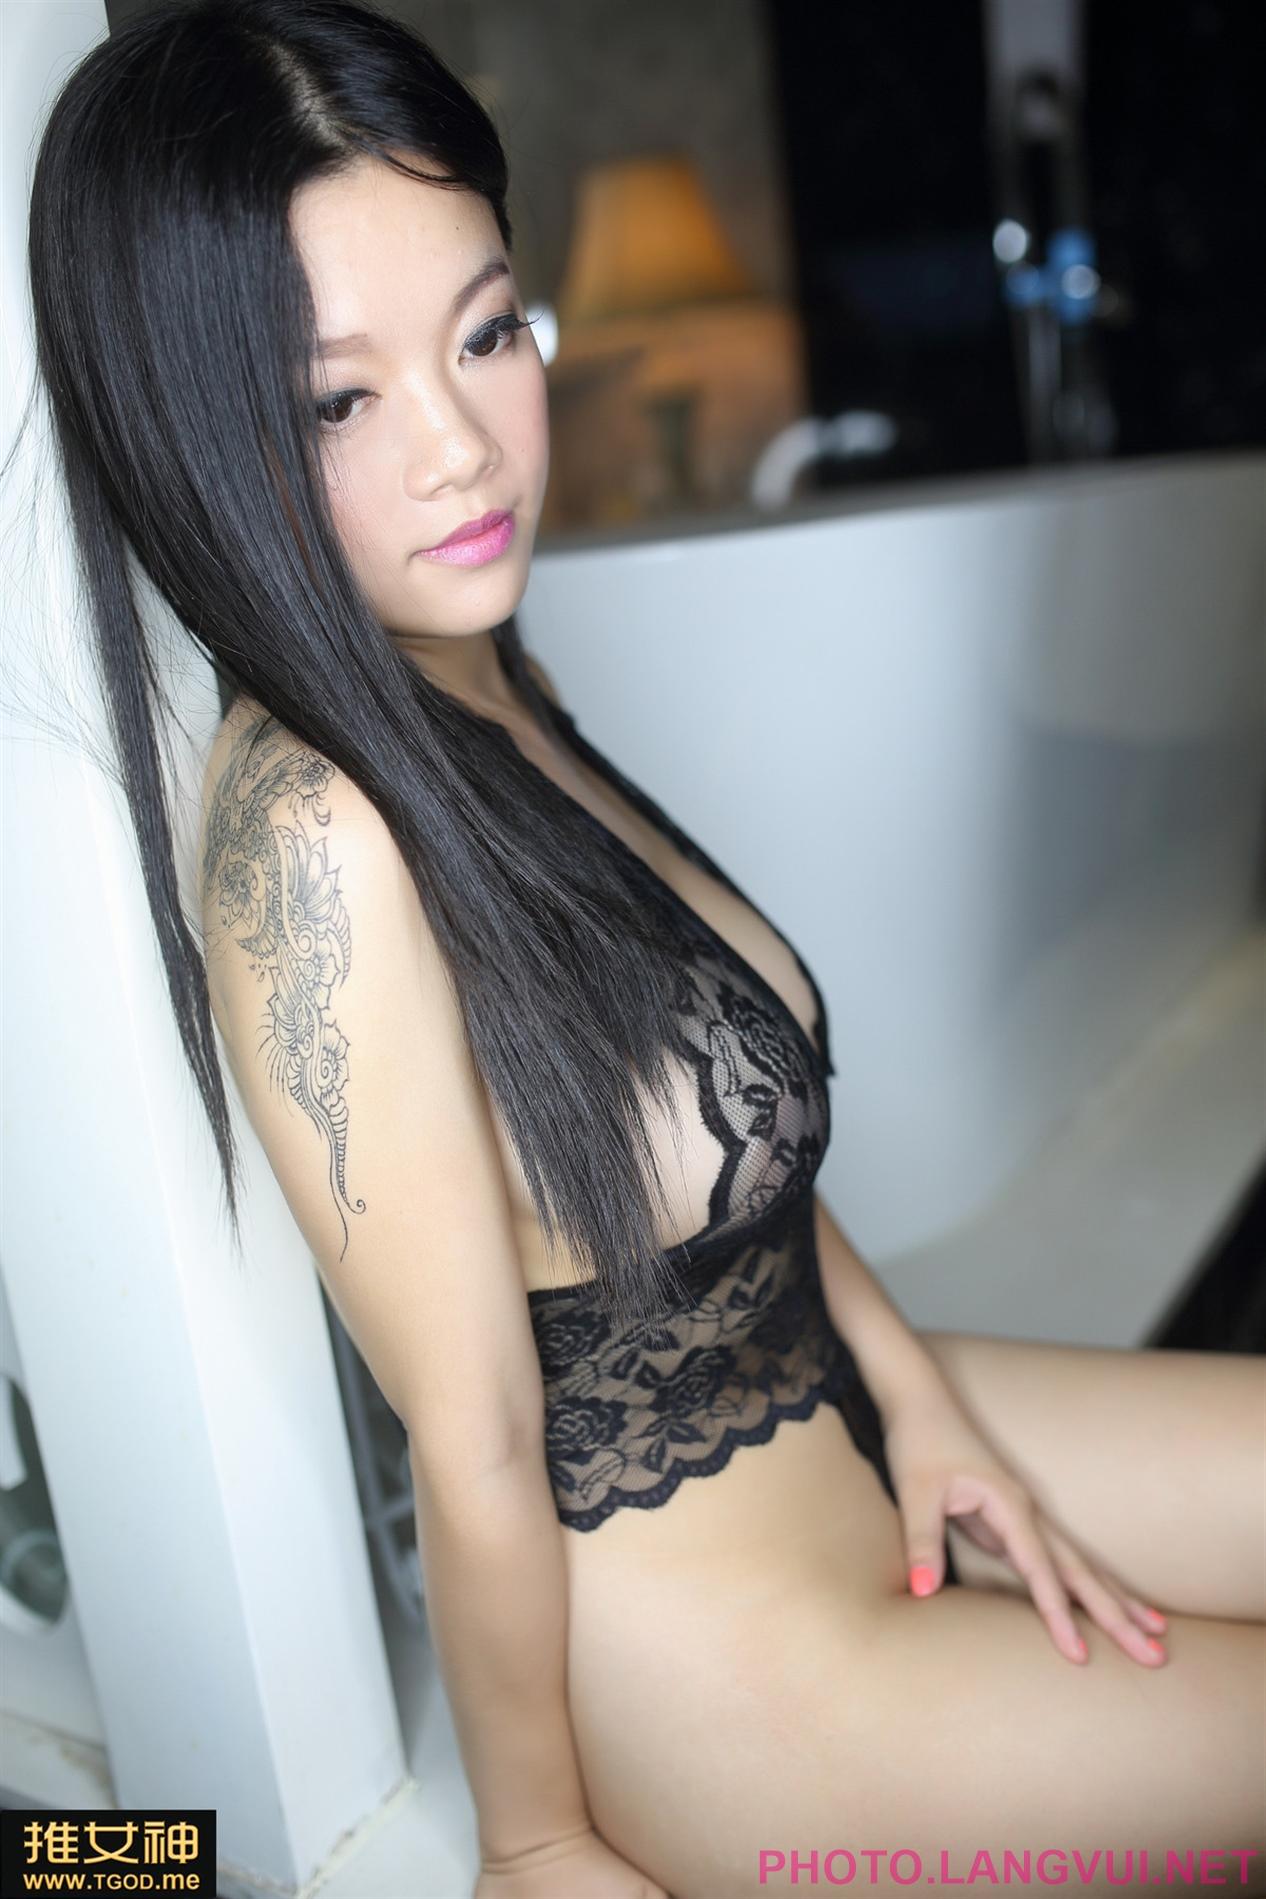 TGOD No 09092014 Qiqi